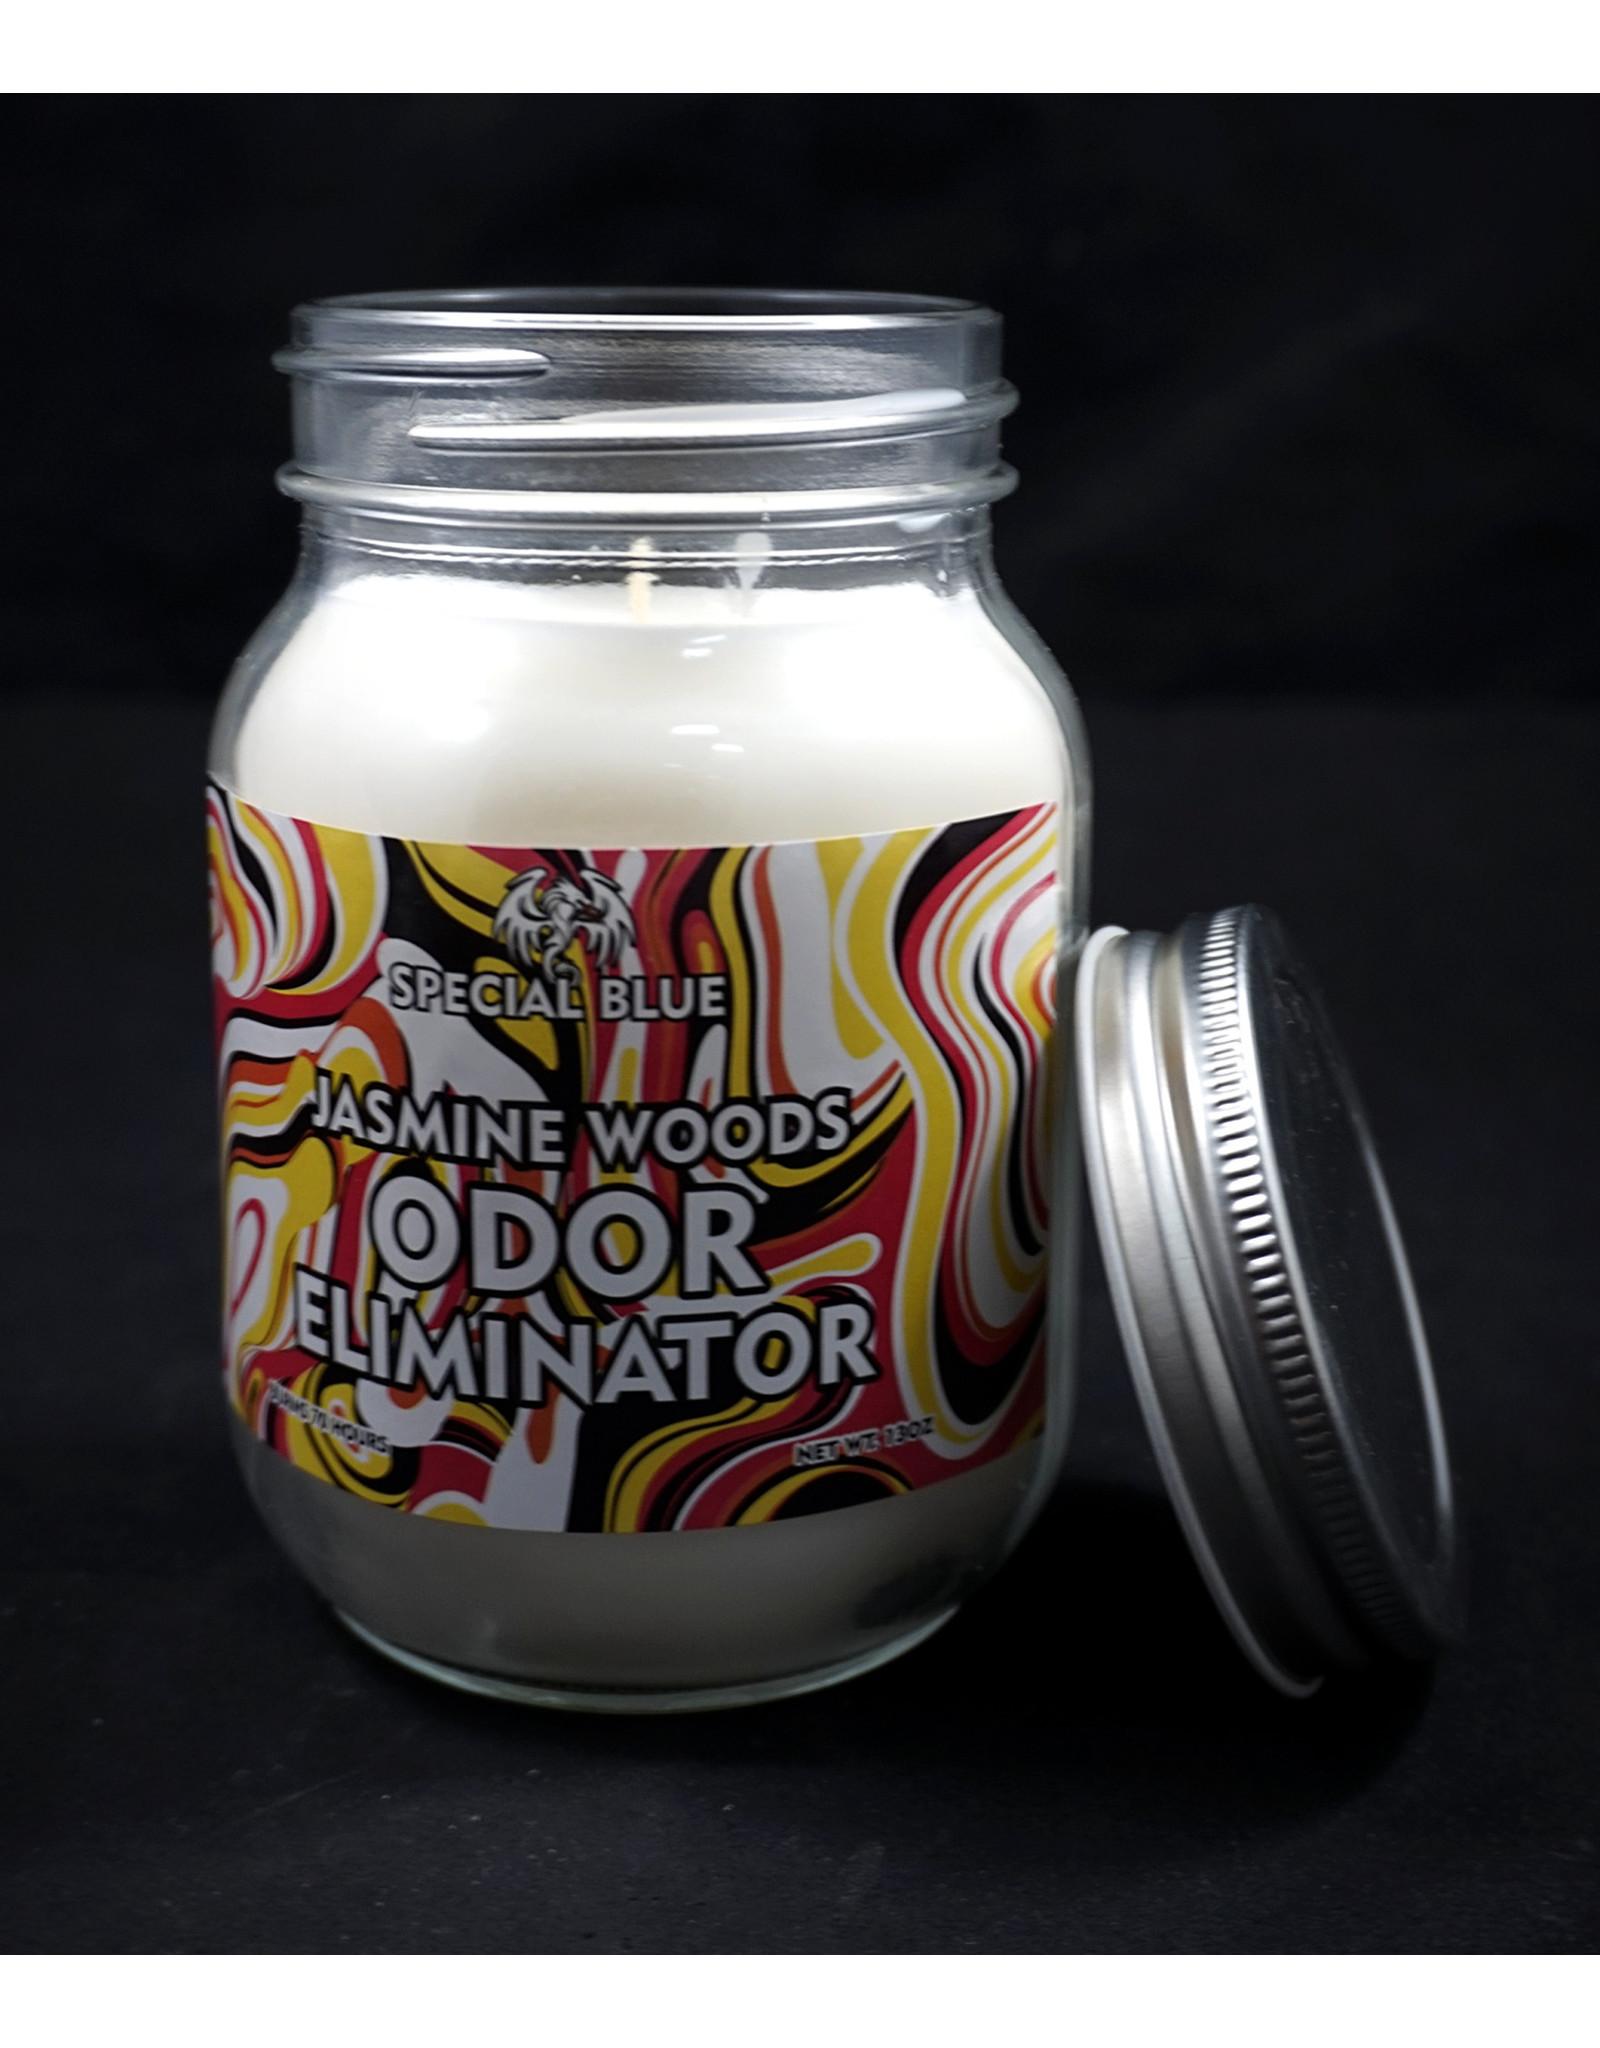 Special Blue Odor Eliminator Candle - Jasmine Woods